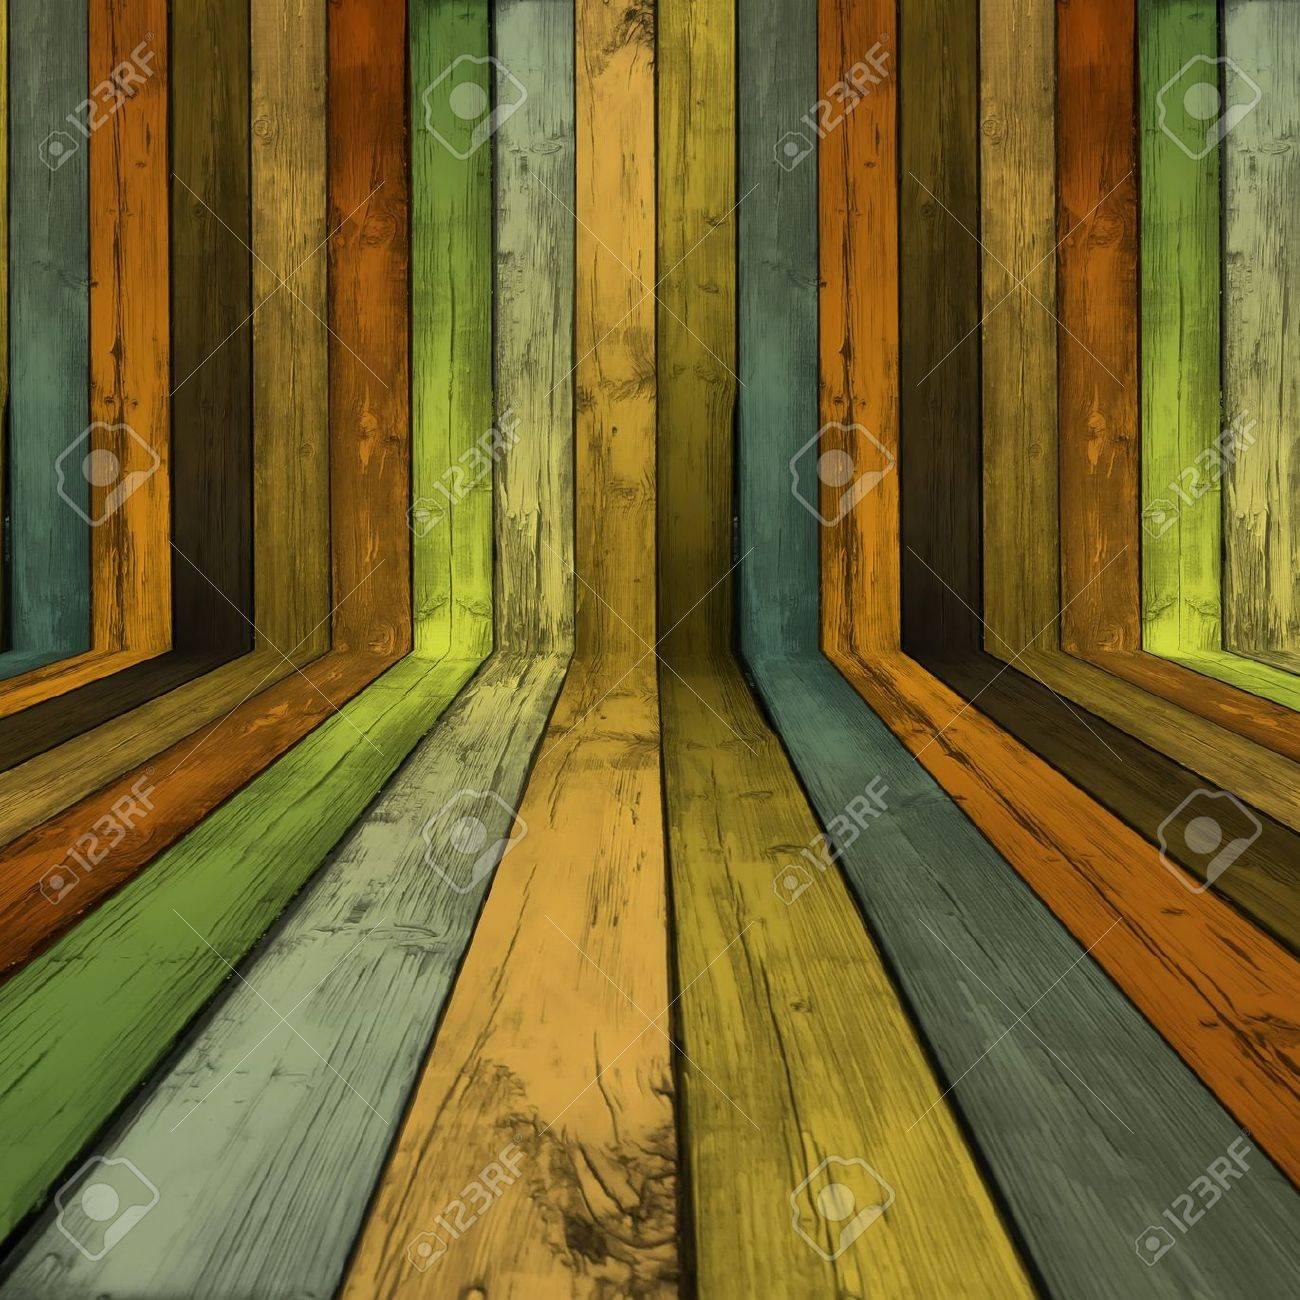 Empty Wooden Room Stock Photo - 7057356